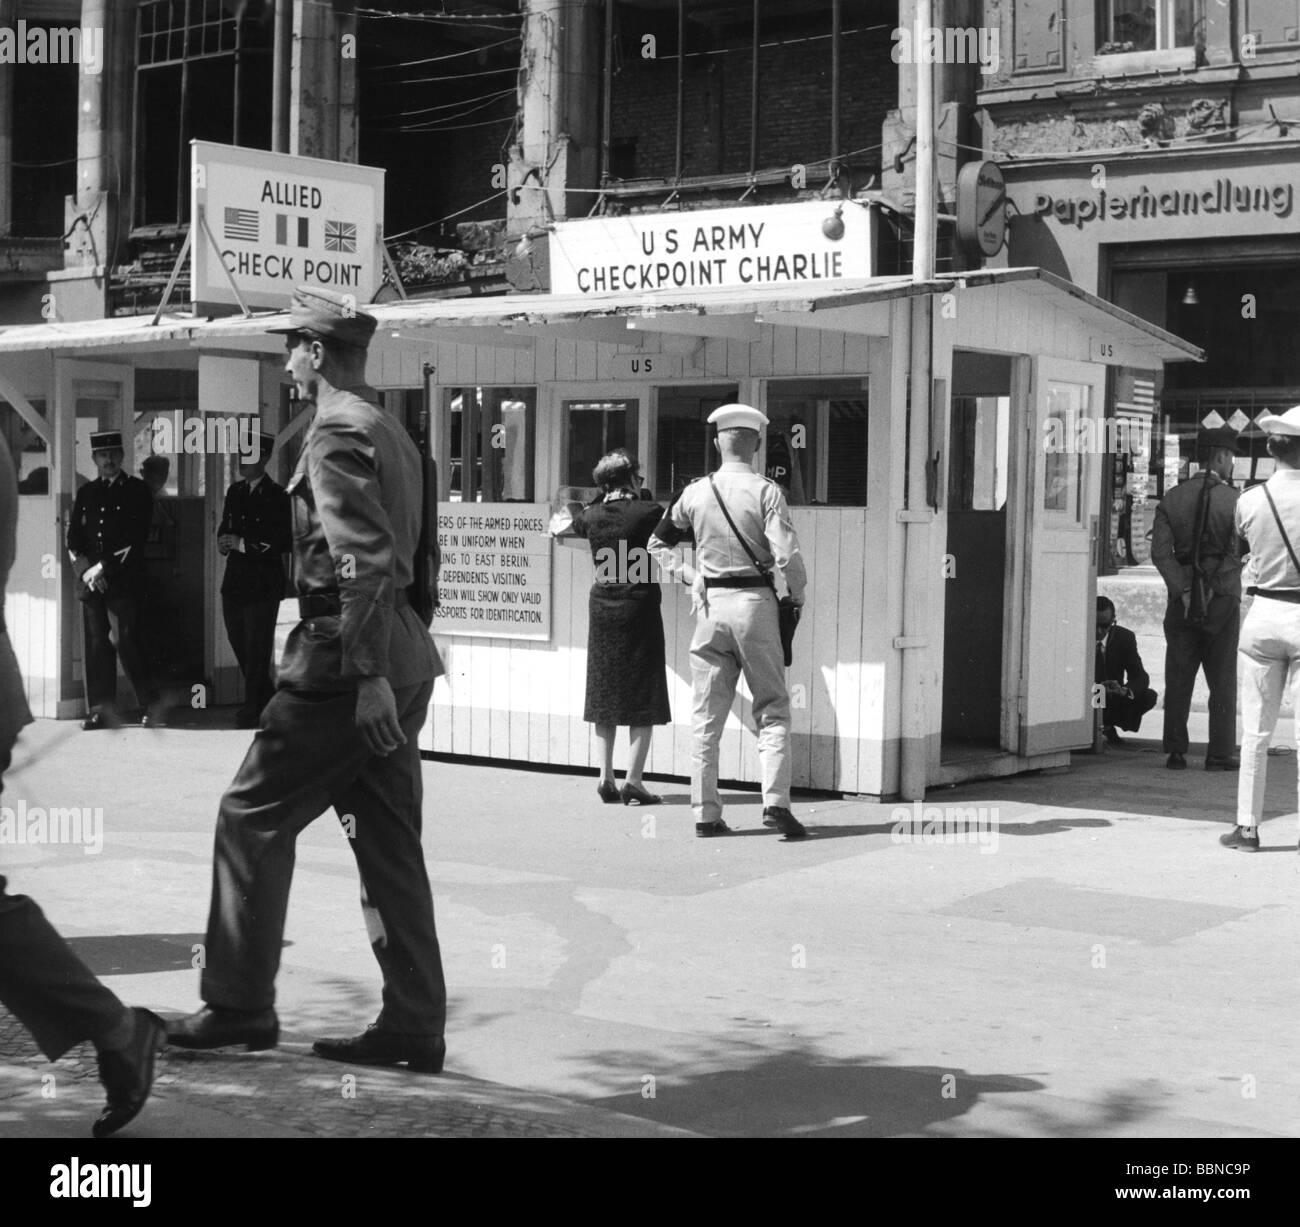 Geografía / viajes, Alemania, Berlín, Muro, Checkpoint Charlie, paso fronterizo para personal aliado, Imagen De Stock